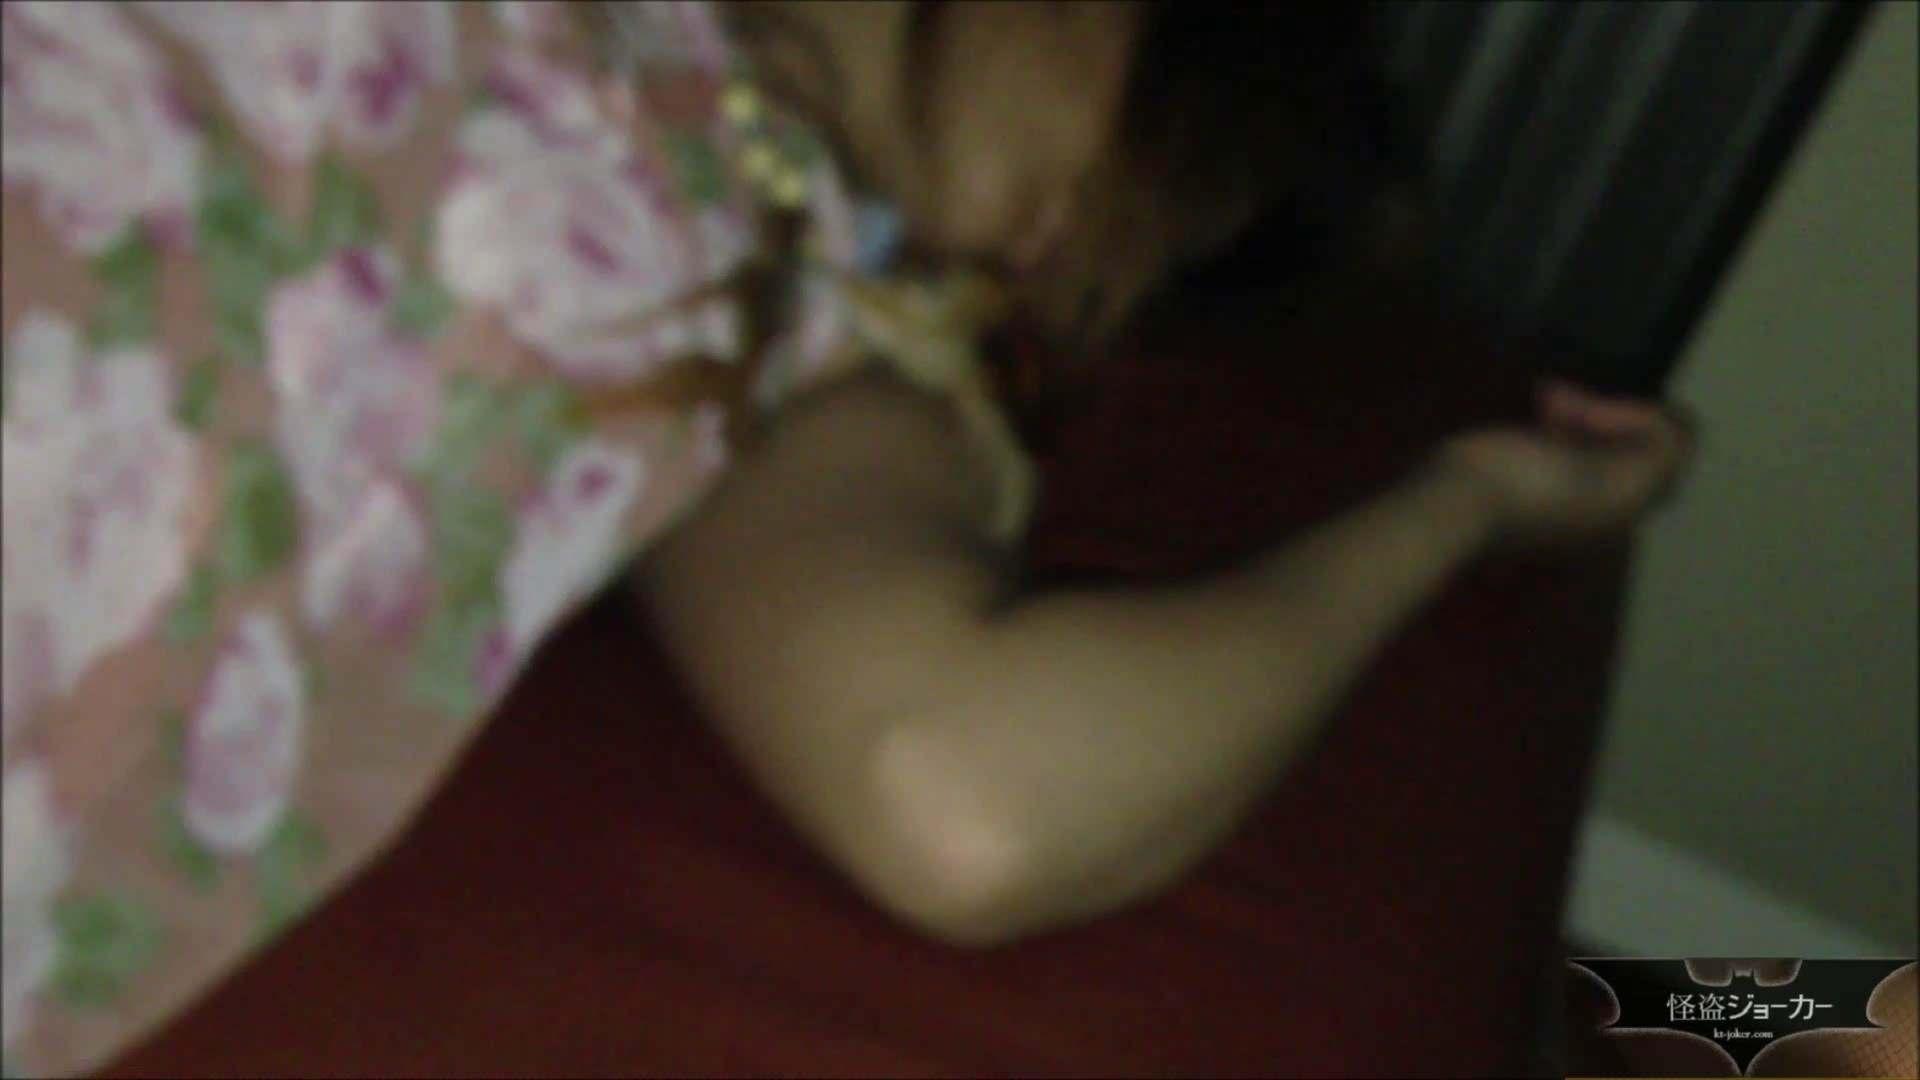 【未公開】vol.68{BLENDA系美女}UAちゃん_甘い香りと生臭い香り お姉さん攻略 おまんこ無修正動画無料 102画像 24